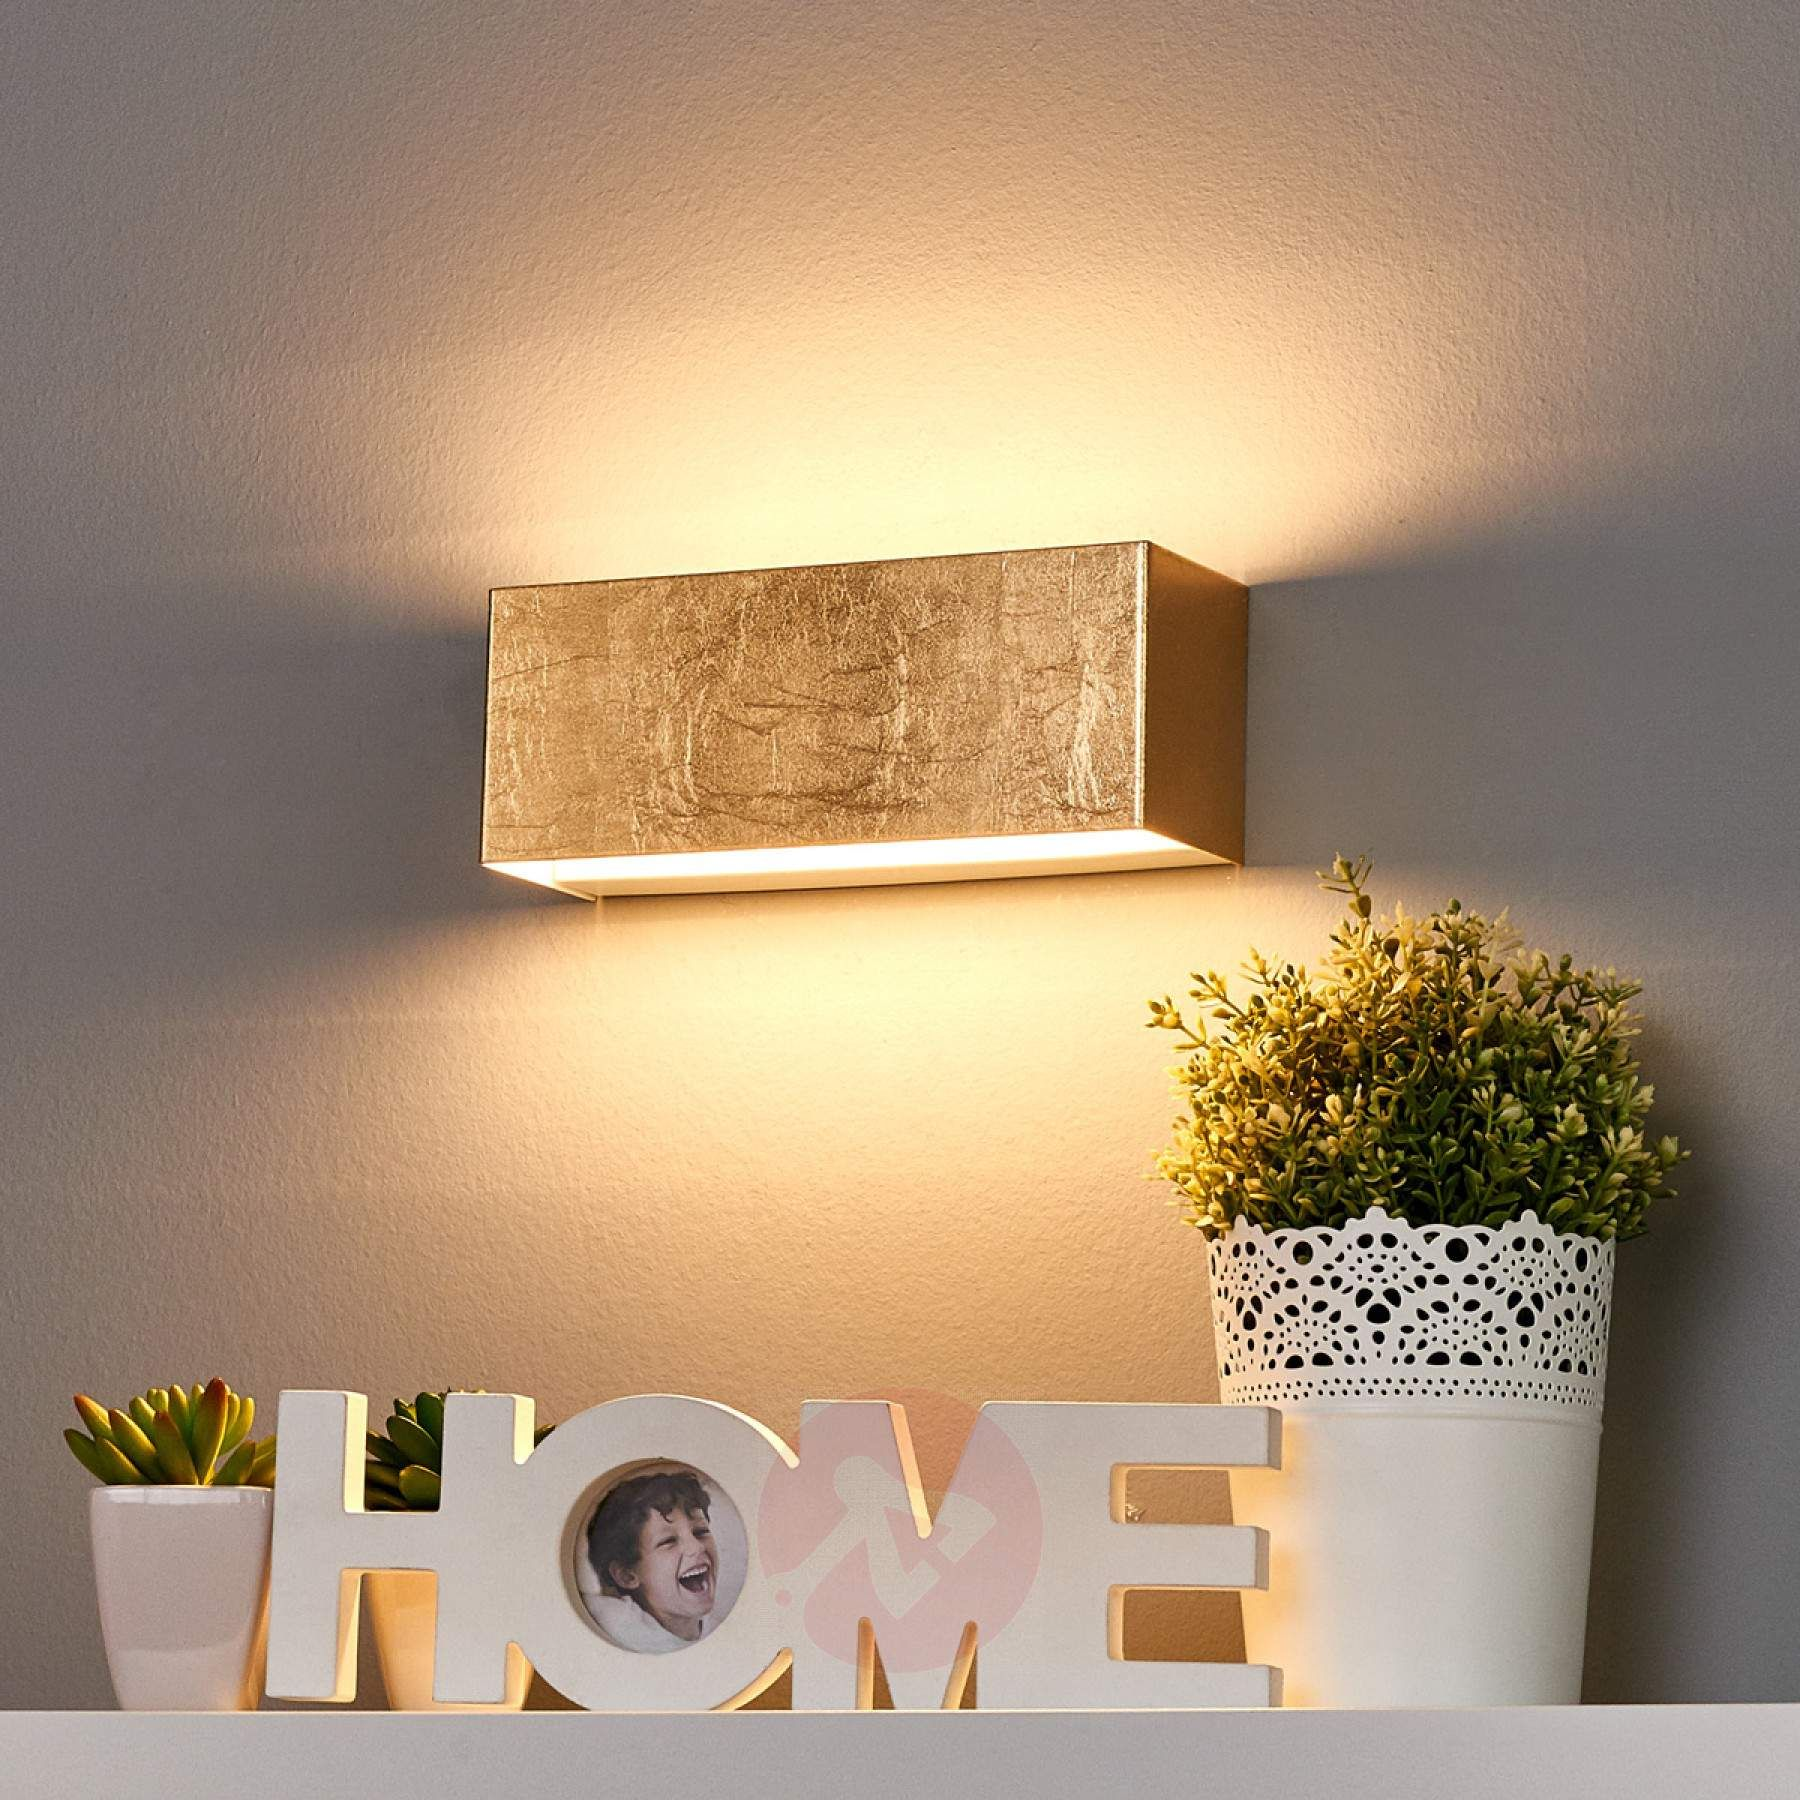 Eckige LED-Wandlampe mit goldfarbenem Finish   Leuchten in Gold ...